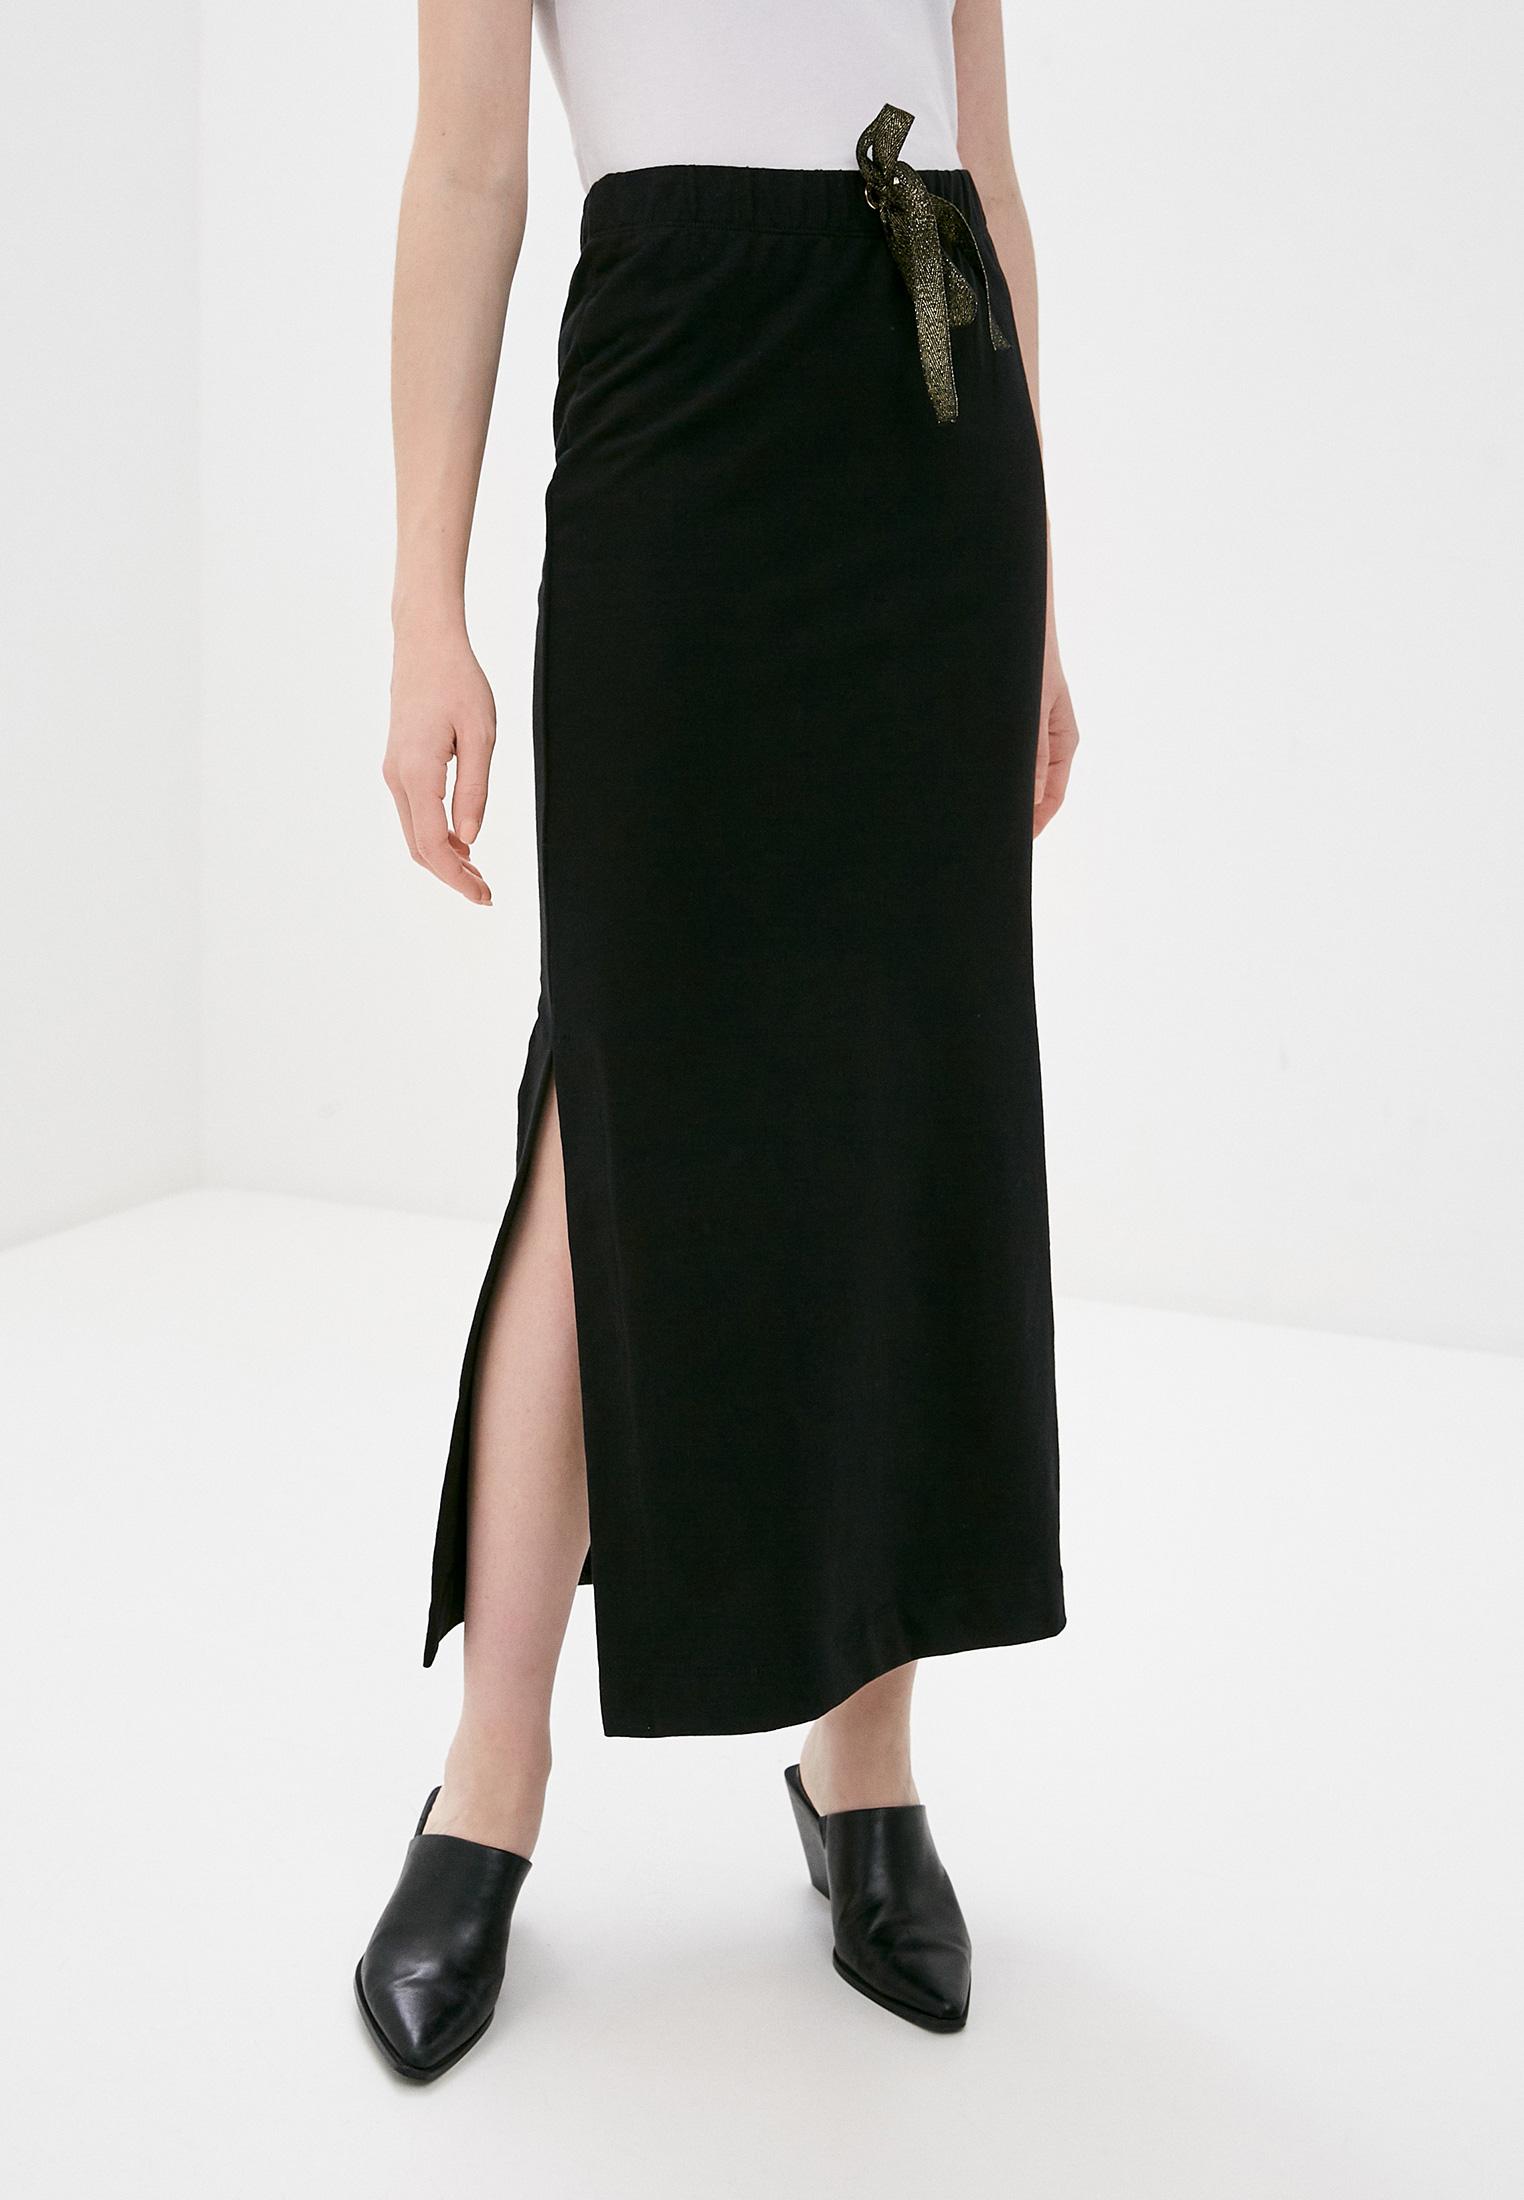 Прямая юбка Rinascimento (Ринасименто) Юбка Rinascimento